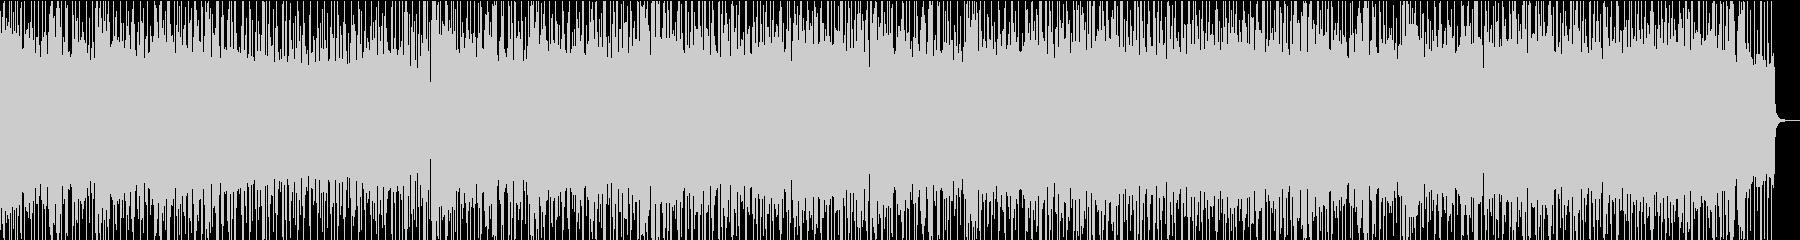 ヘビーメタル、メタリカ風リフ、三連符の未再生の波形